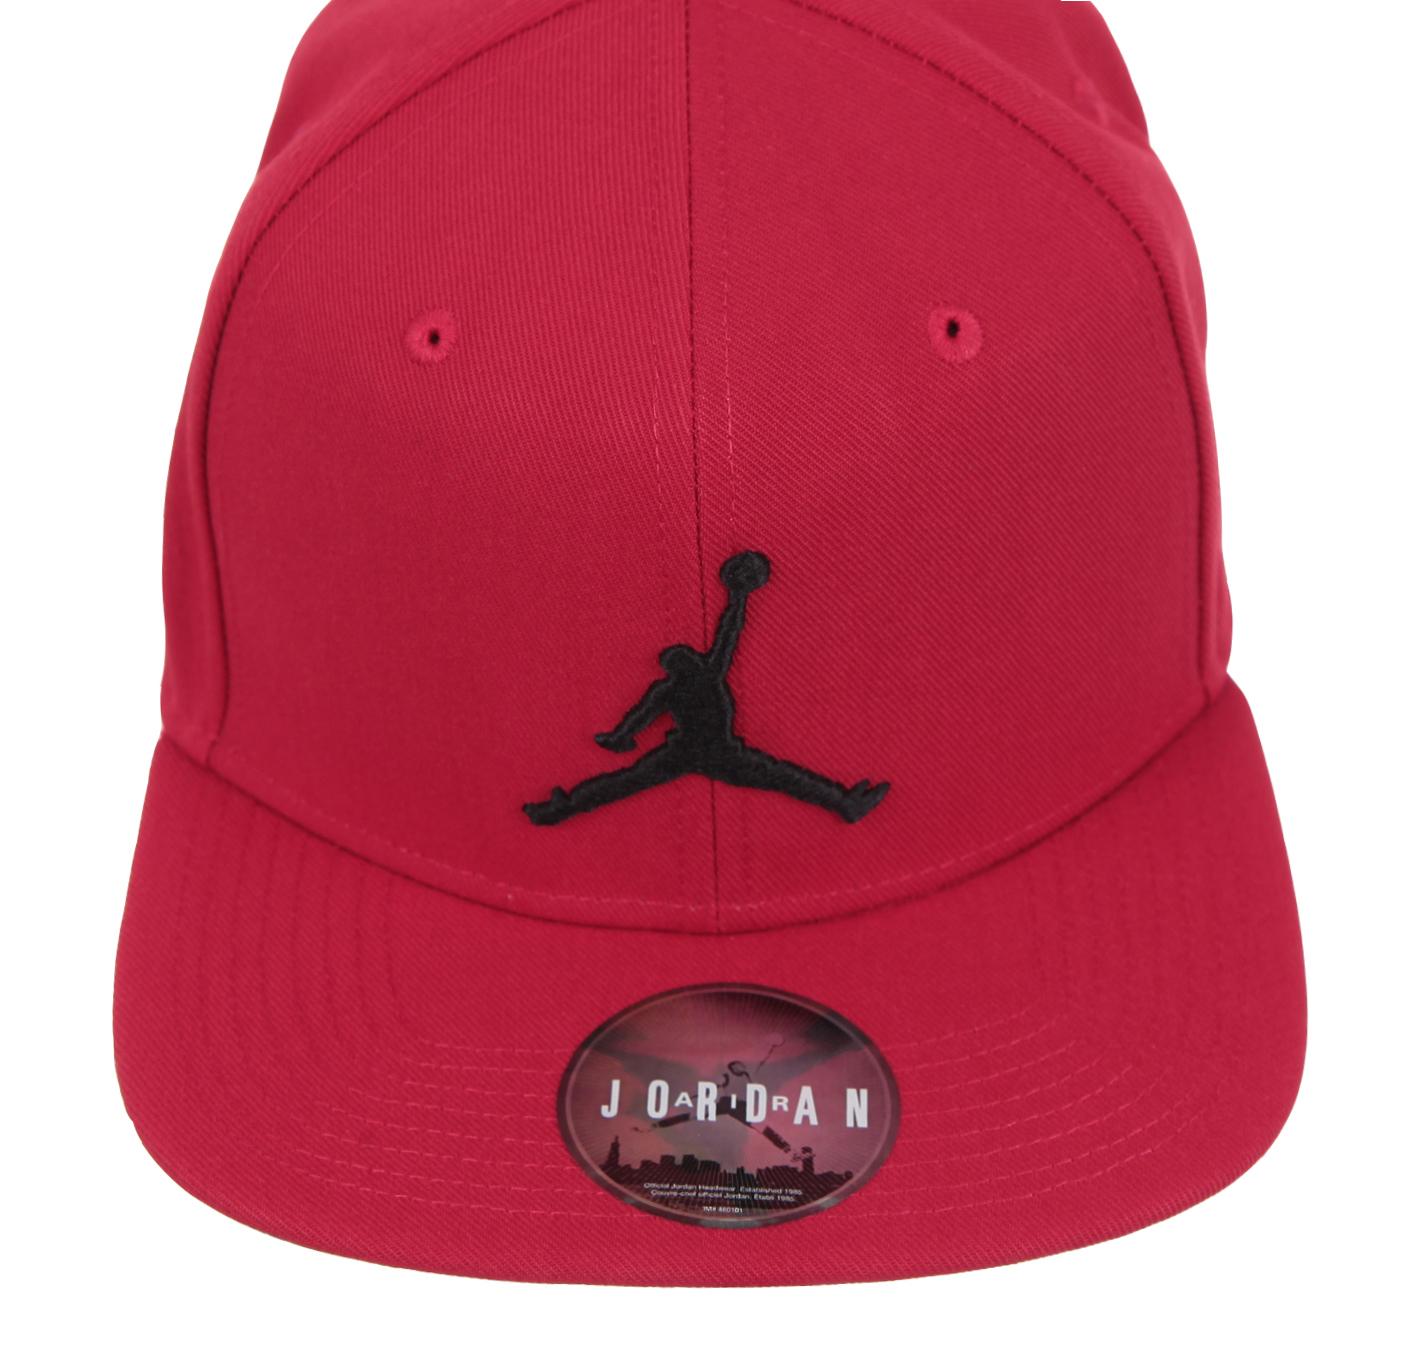 NikePro Jumpman Snapback Erkek Şapka Kırmızı